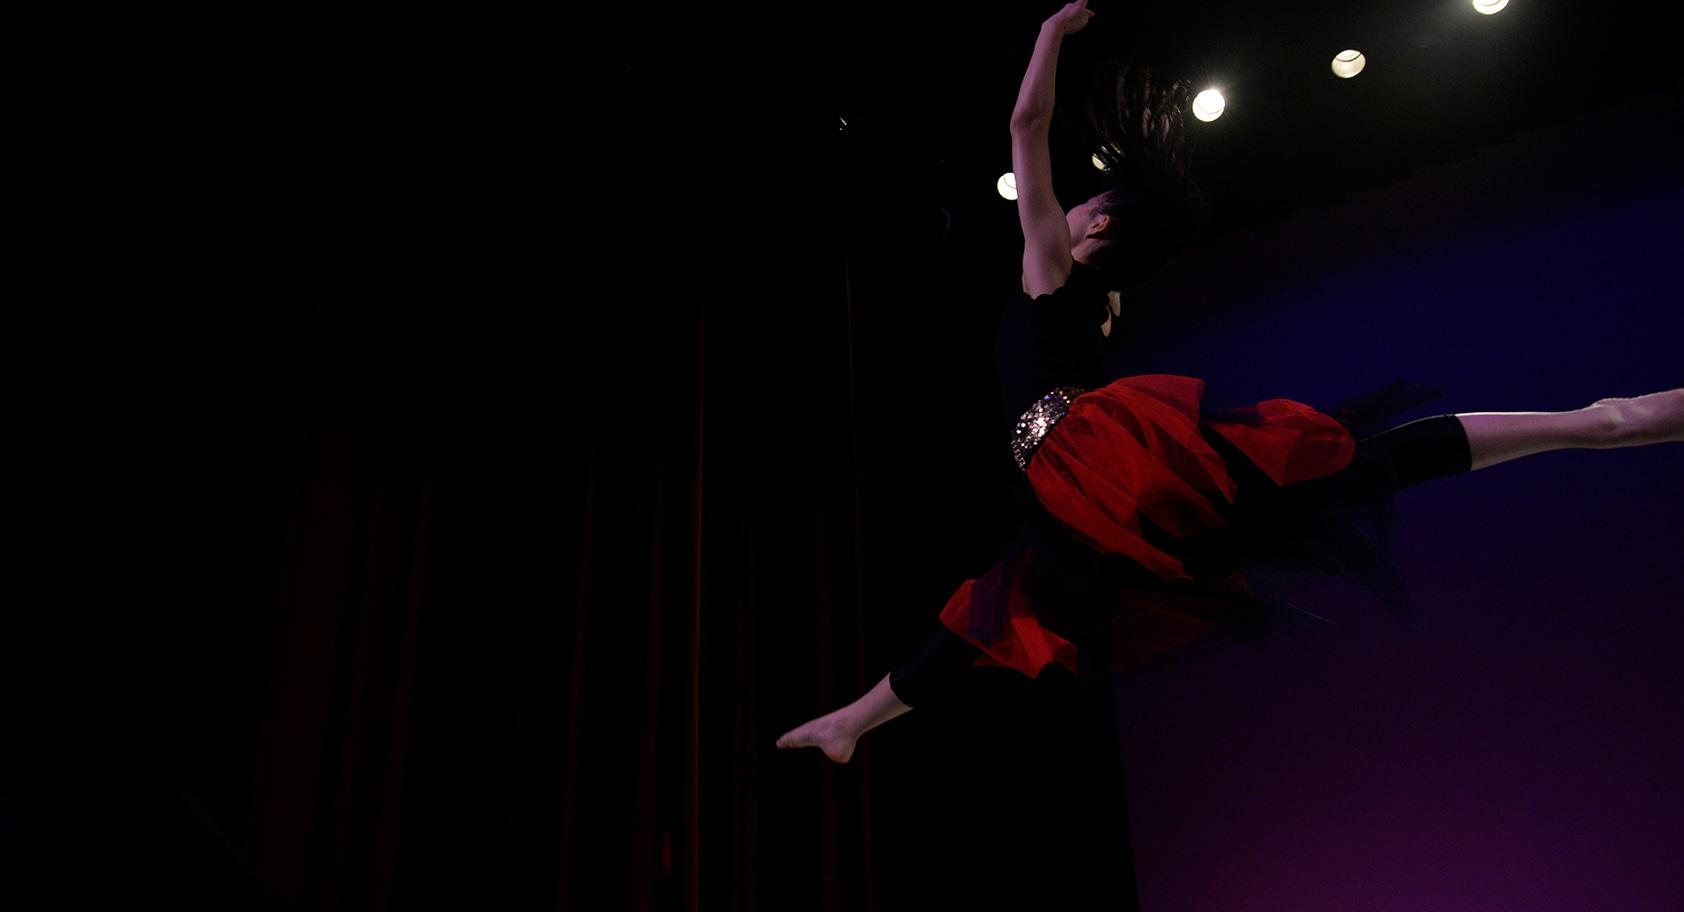 高校専門科目 ダンスを学ぶ